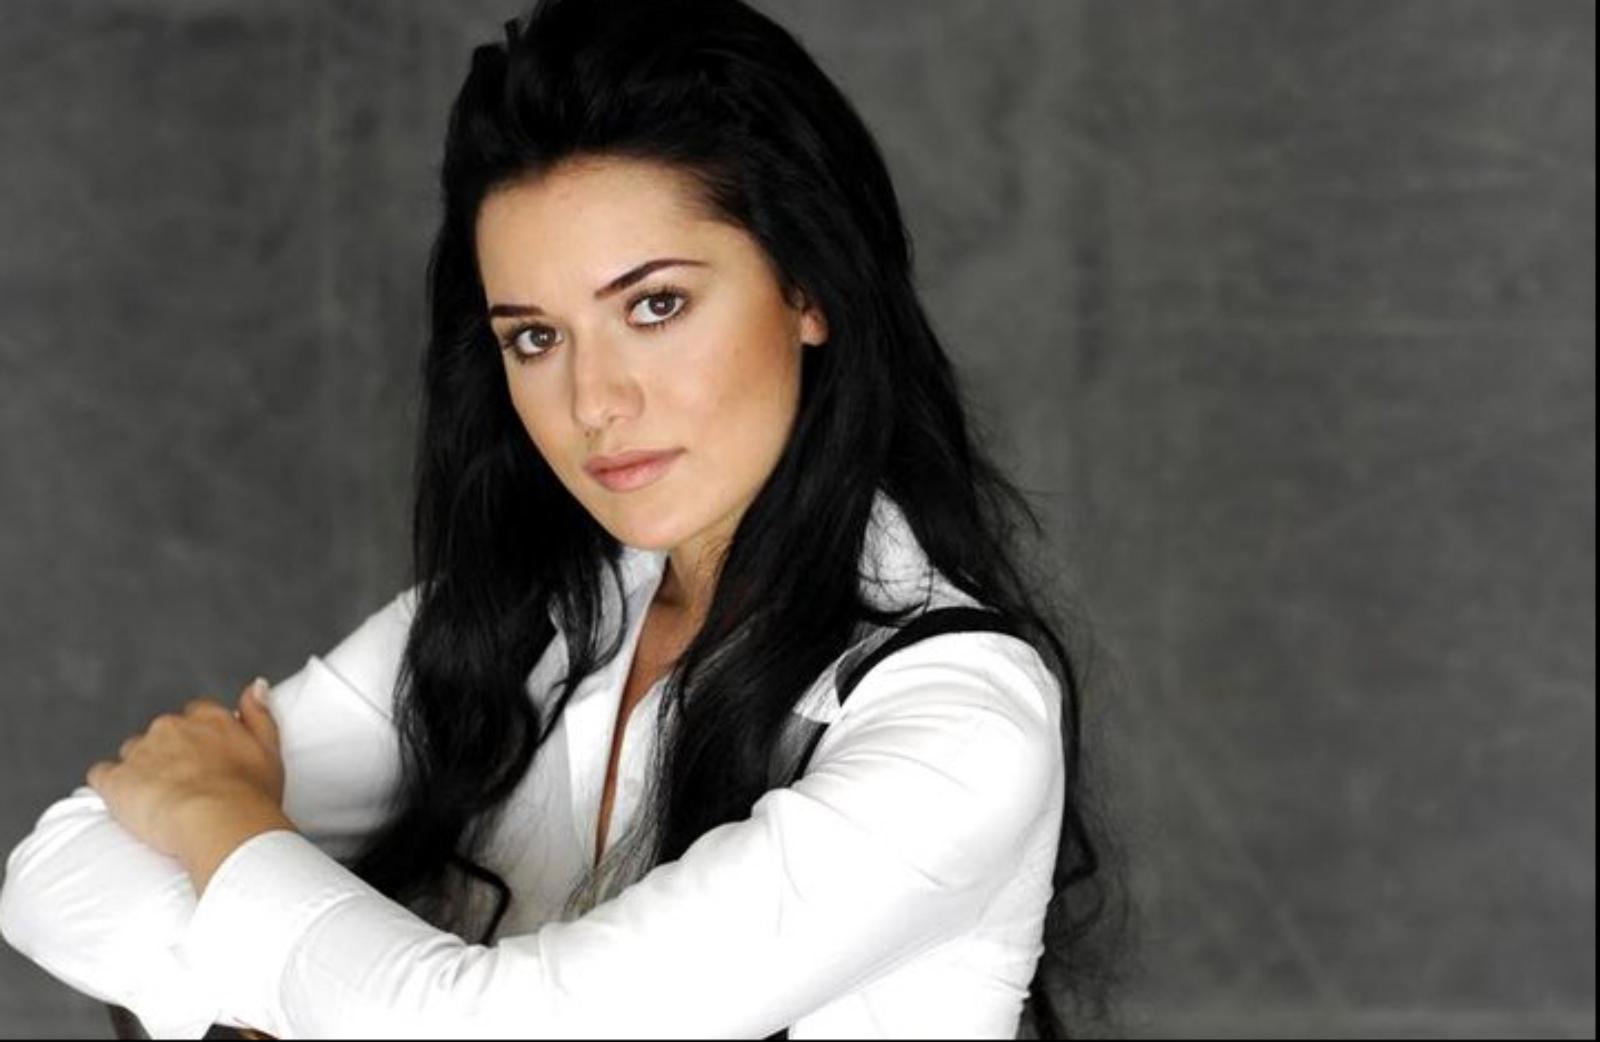 Турецкие девушки фото частное